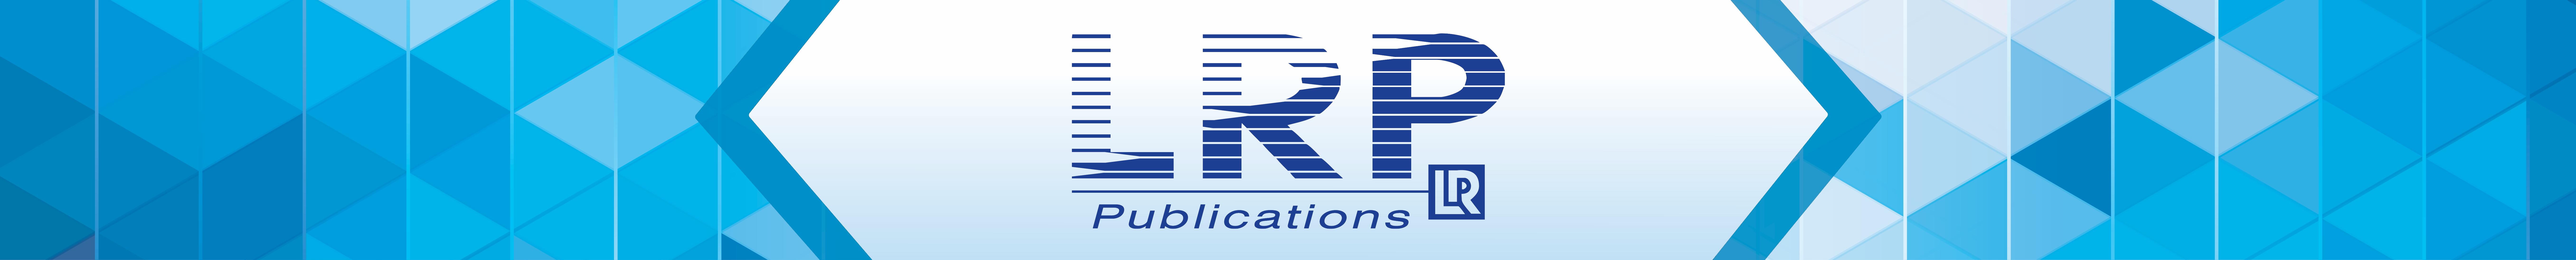 LRP Publications Logo image